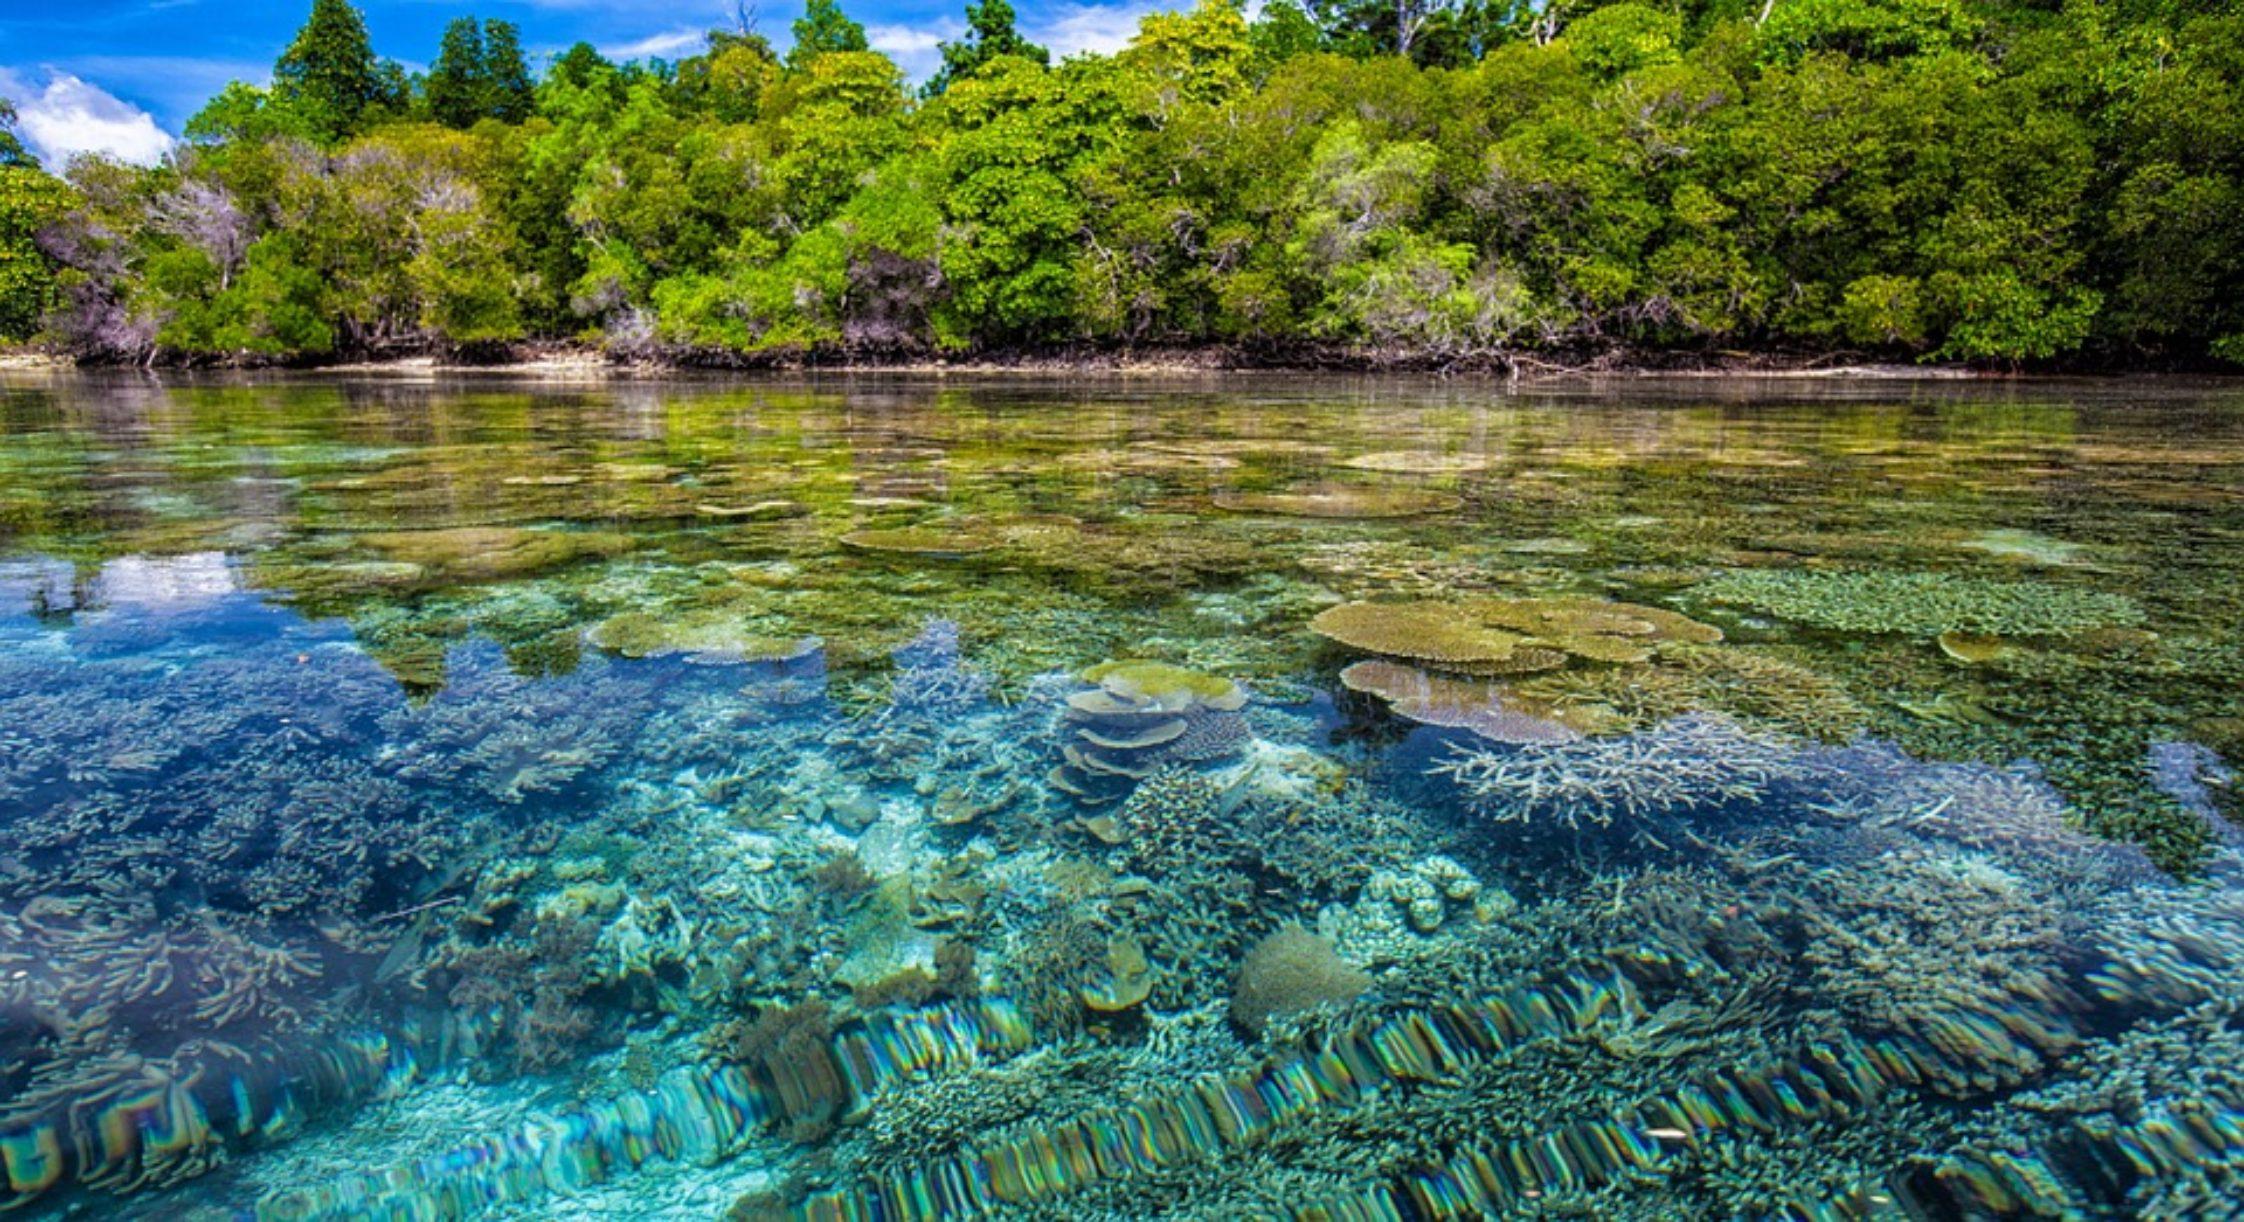 L'archipel indonésien, une adresse idéale pour vivre des moments exceptionnels